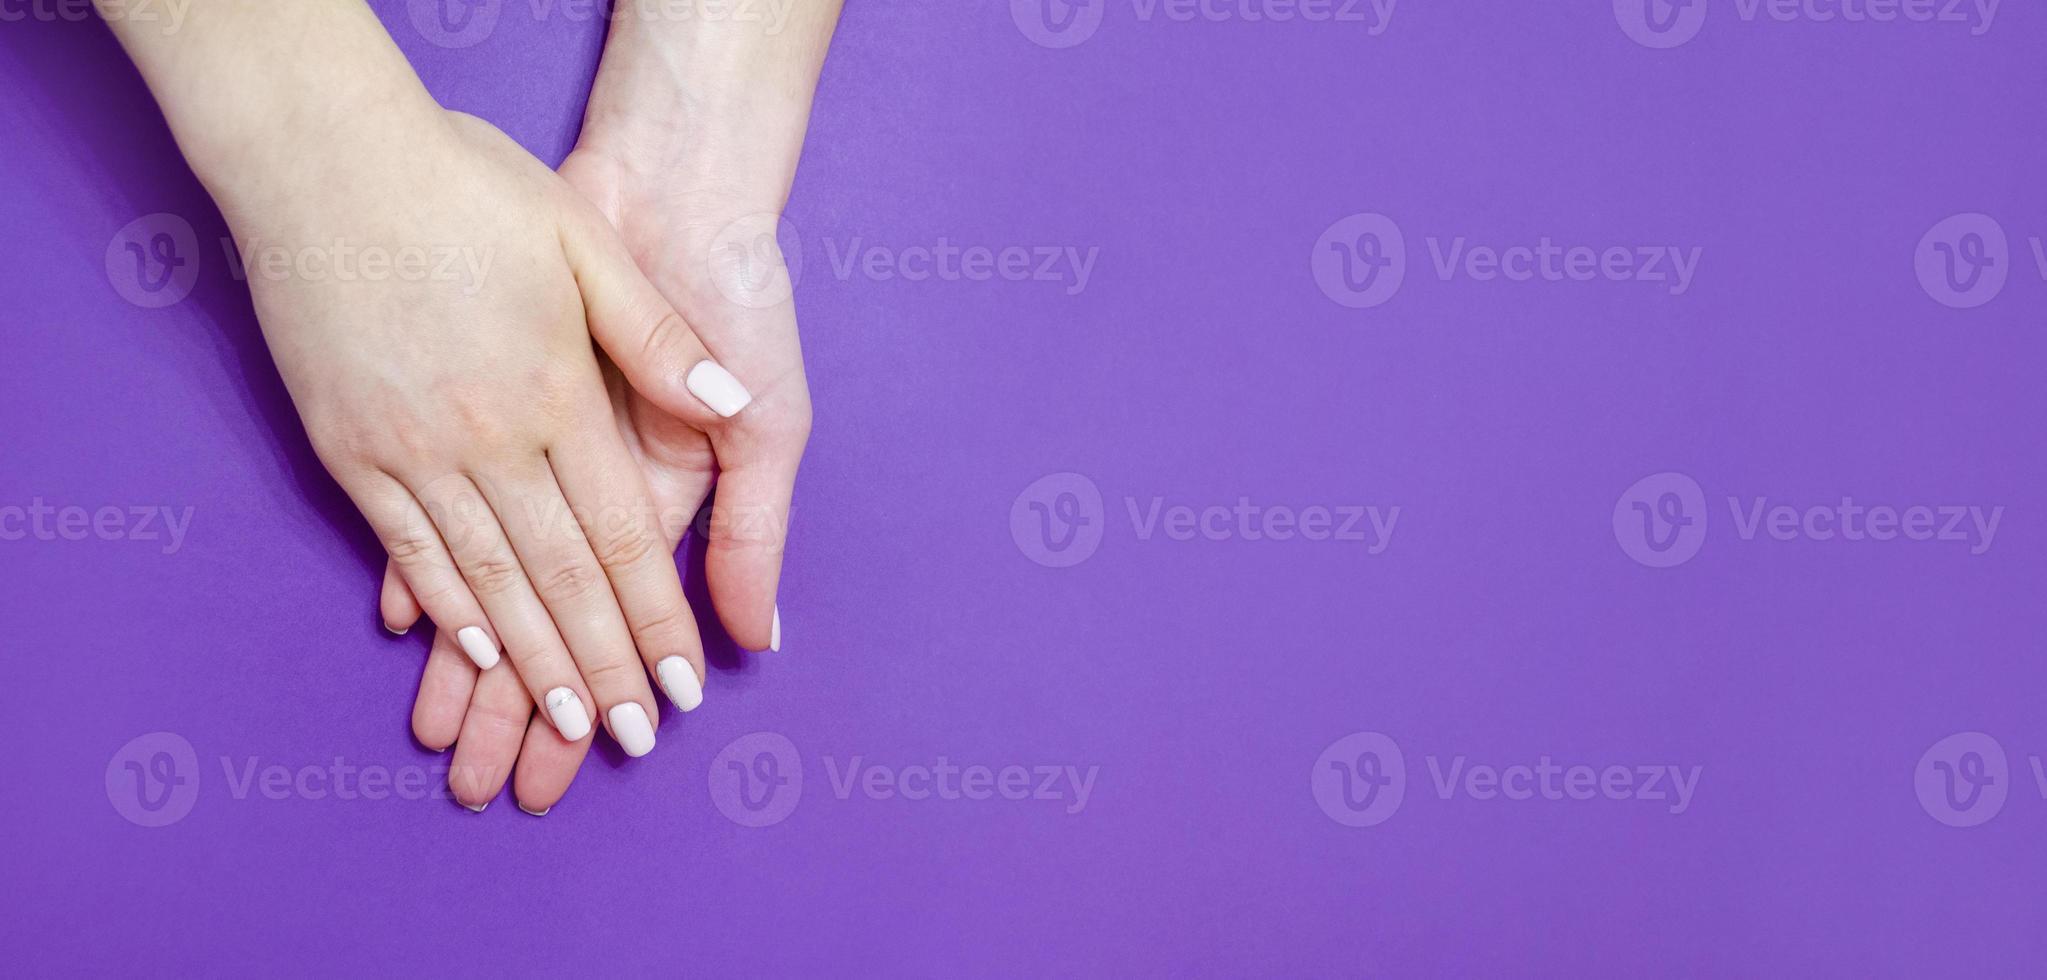 kvinnlig manikyr på en ljus bakgrund. lila foto